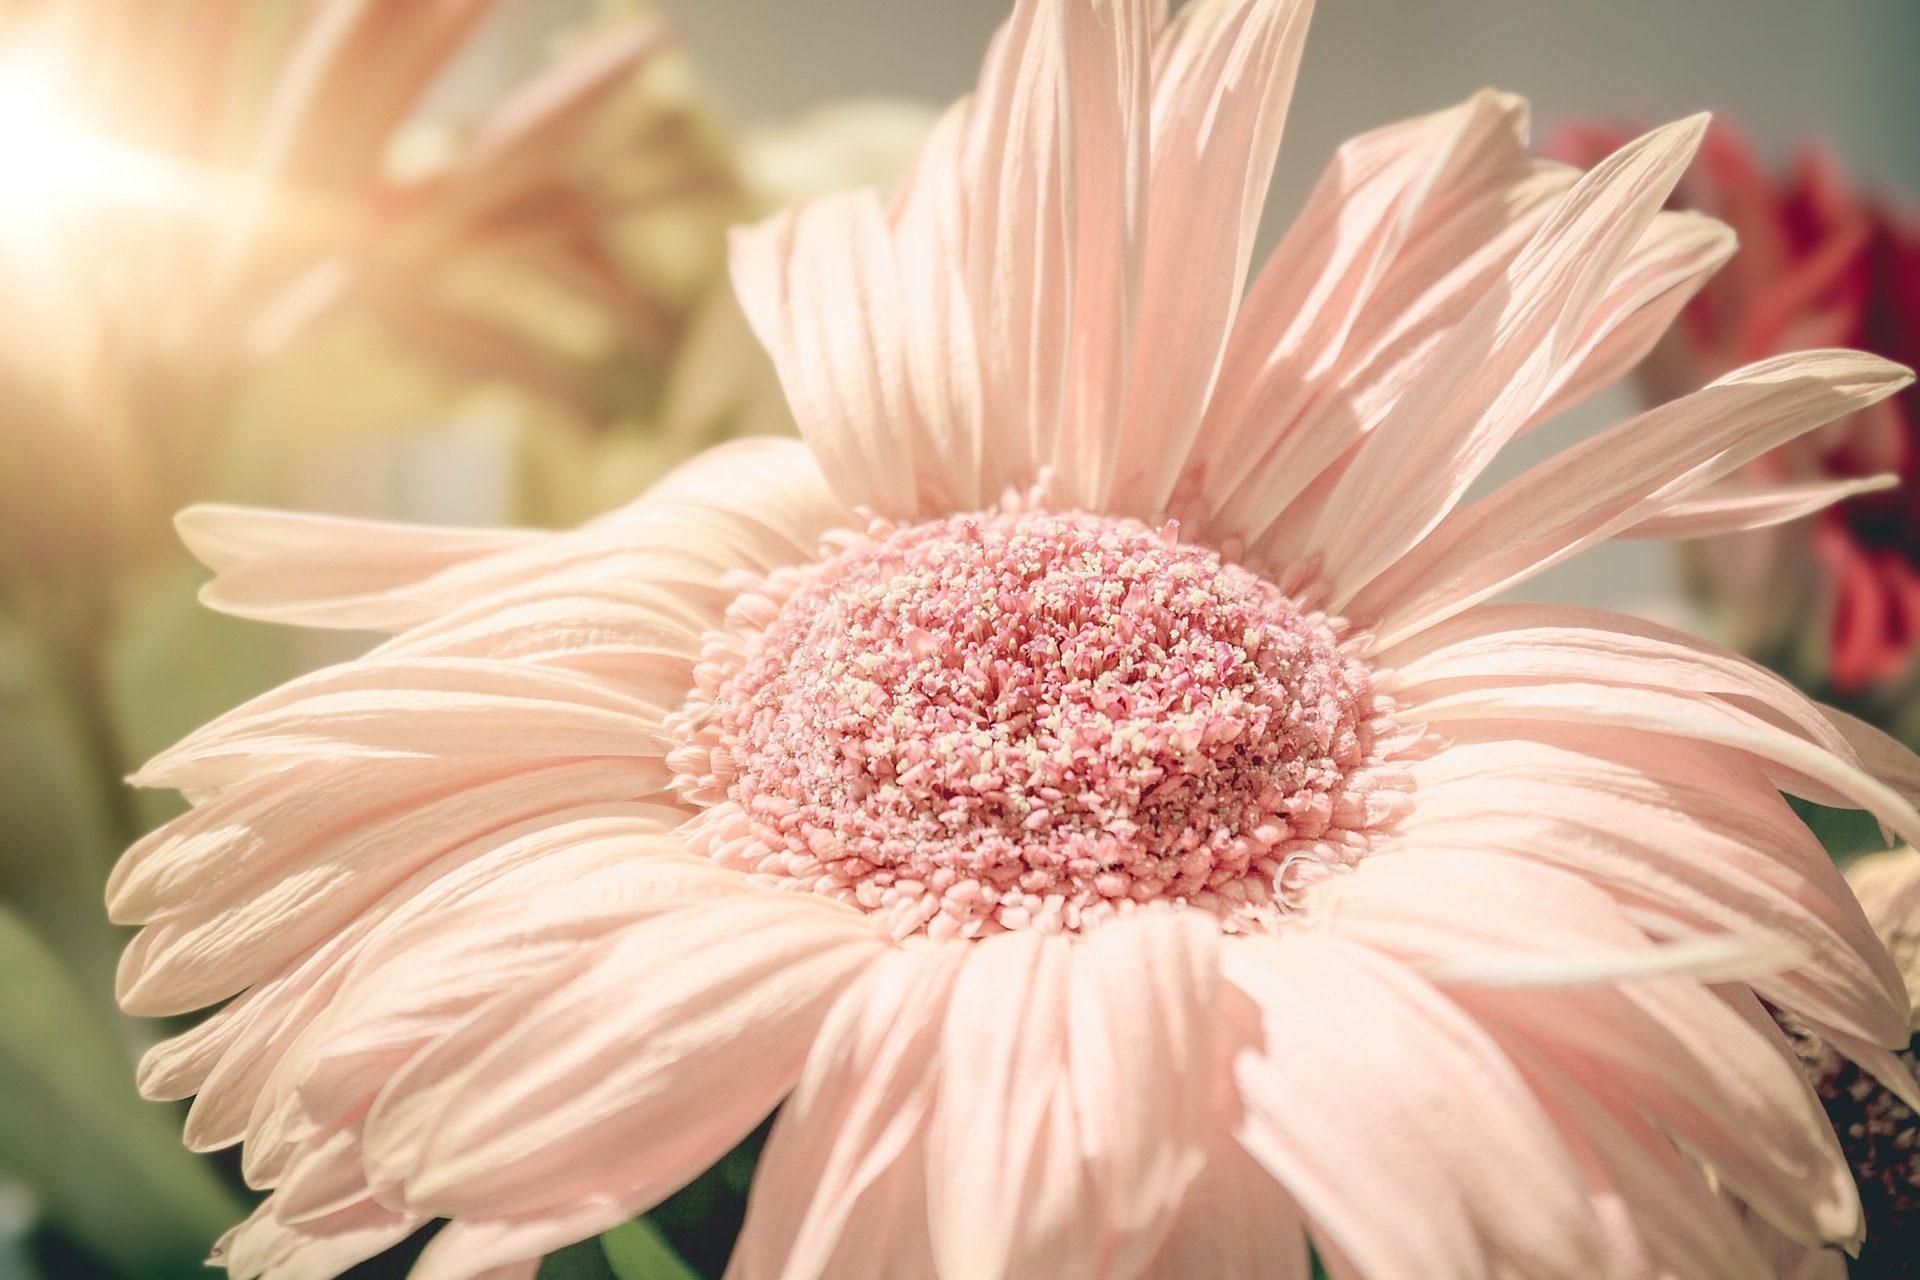 花, 罗莎, 花瓣, 晕, 关于 - 高清壁纸 - 教授-falken.com